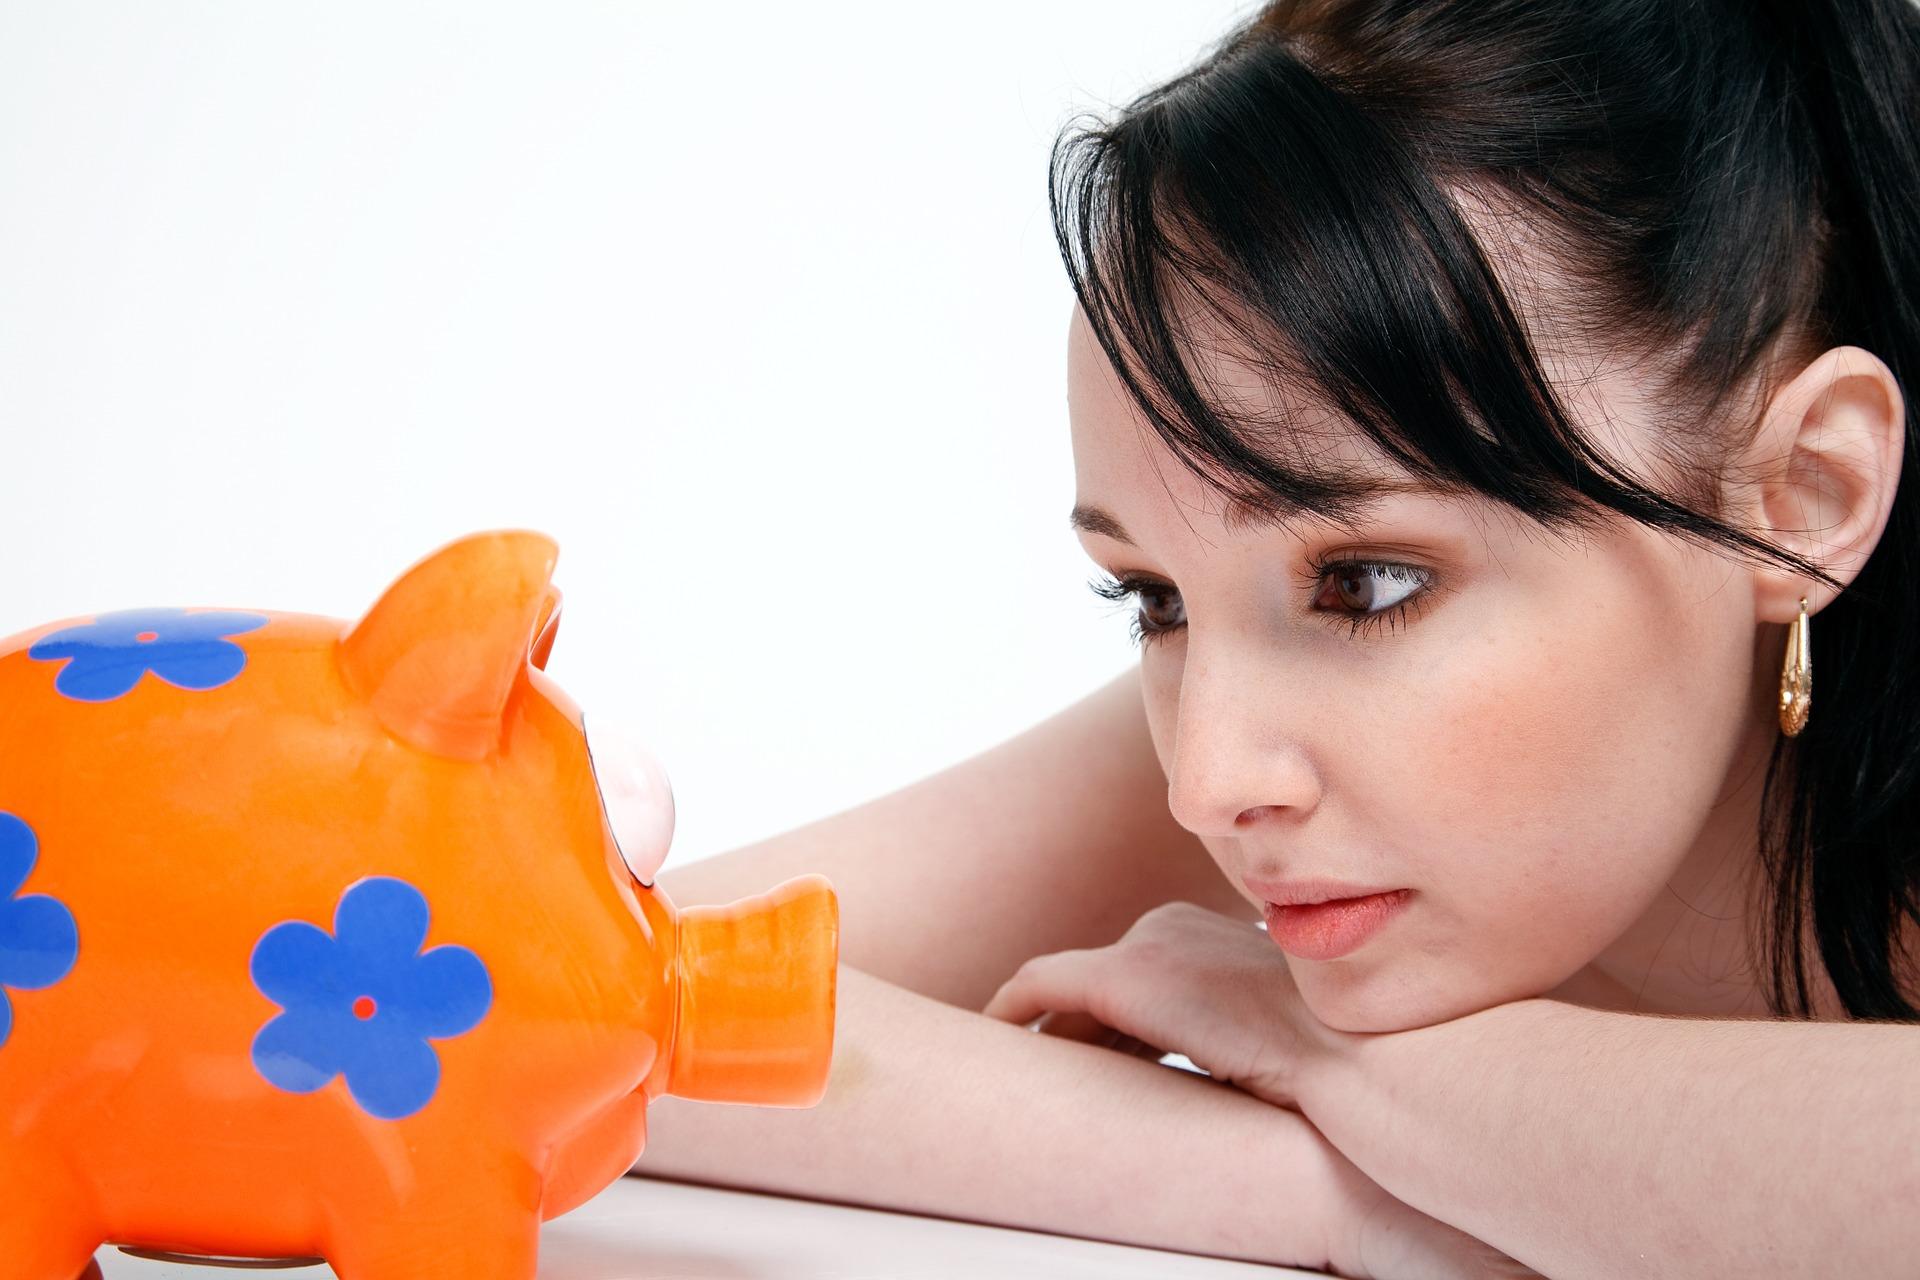 20代女性の平均年収は334万円・平均月収は24万円